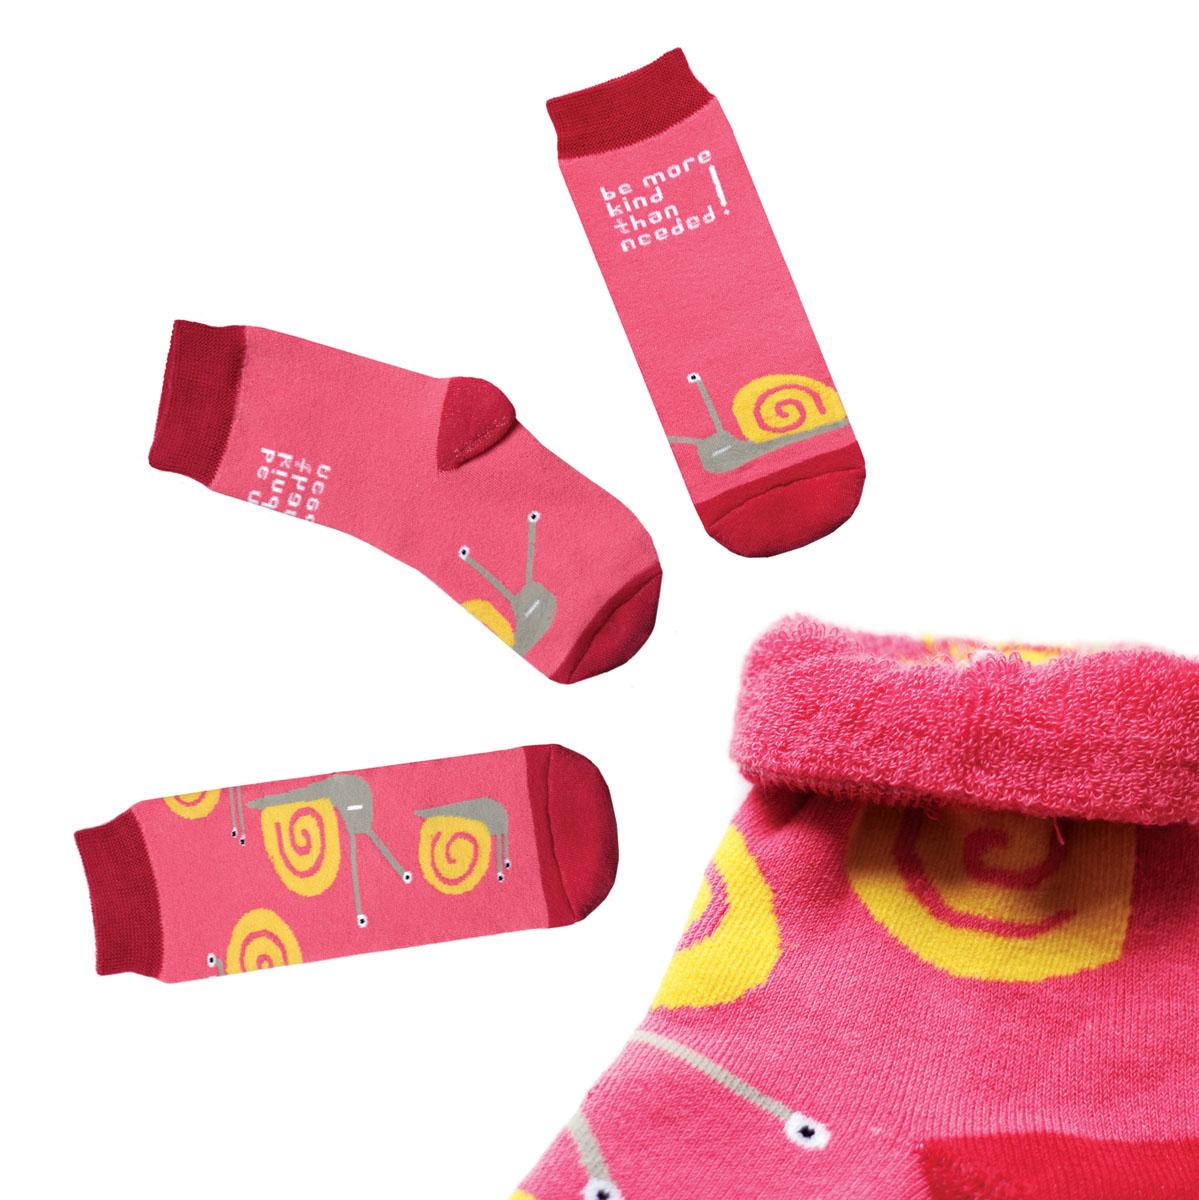 Носки женские Big Bang Socks, цвет: коралловый, красный. ca1623. Размер 35/39ca1623Яркие женские носки Big Bang Socks изготовлены из высококачественного хлопка с добавлением полиамидных и эластановых волокон, которые обеспечивают великолепную посадку. Носки отличаются ярким стильным дизайном. Они оформлены изображением улиток и надписью на английском языке. Удобная резинка идеально облегает ногу и не пережимает сосуды, усиленные пятка и мысок повышают износоустойчивость носка, а удлиненный паголенок придает более эстетичный вид. Дизайнерские носки Big Bang Socks - яркая деталь в вашем образе и оригинальный подарок для друзей и близких.